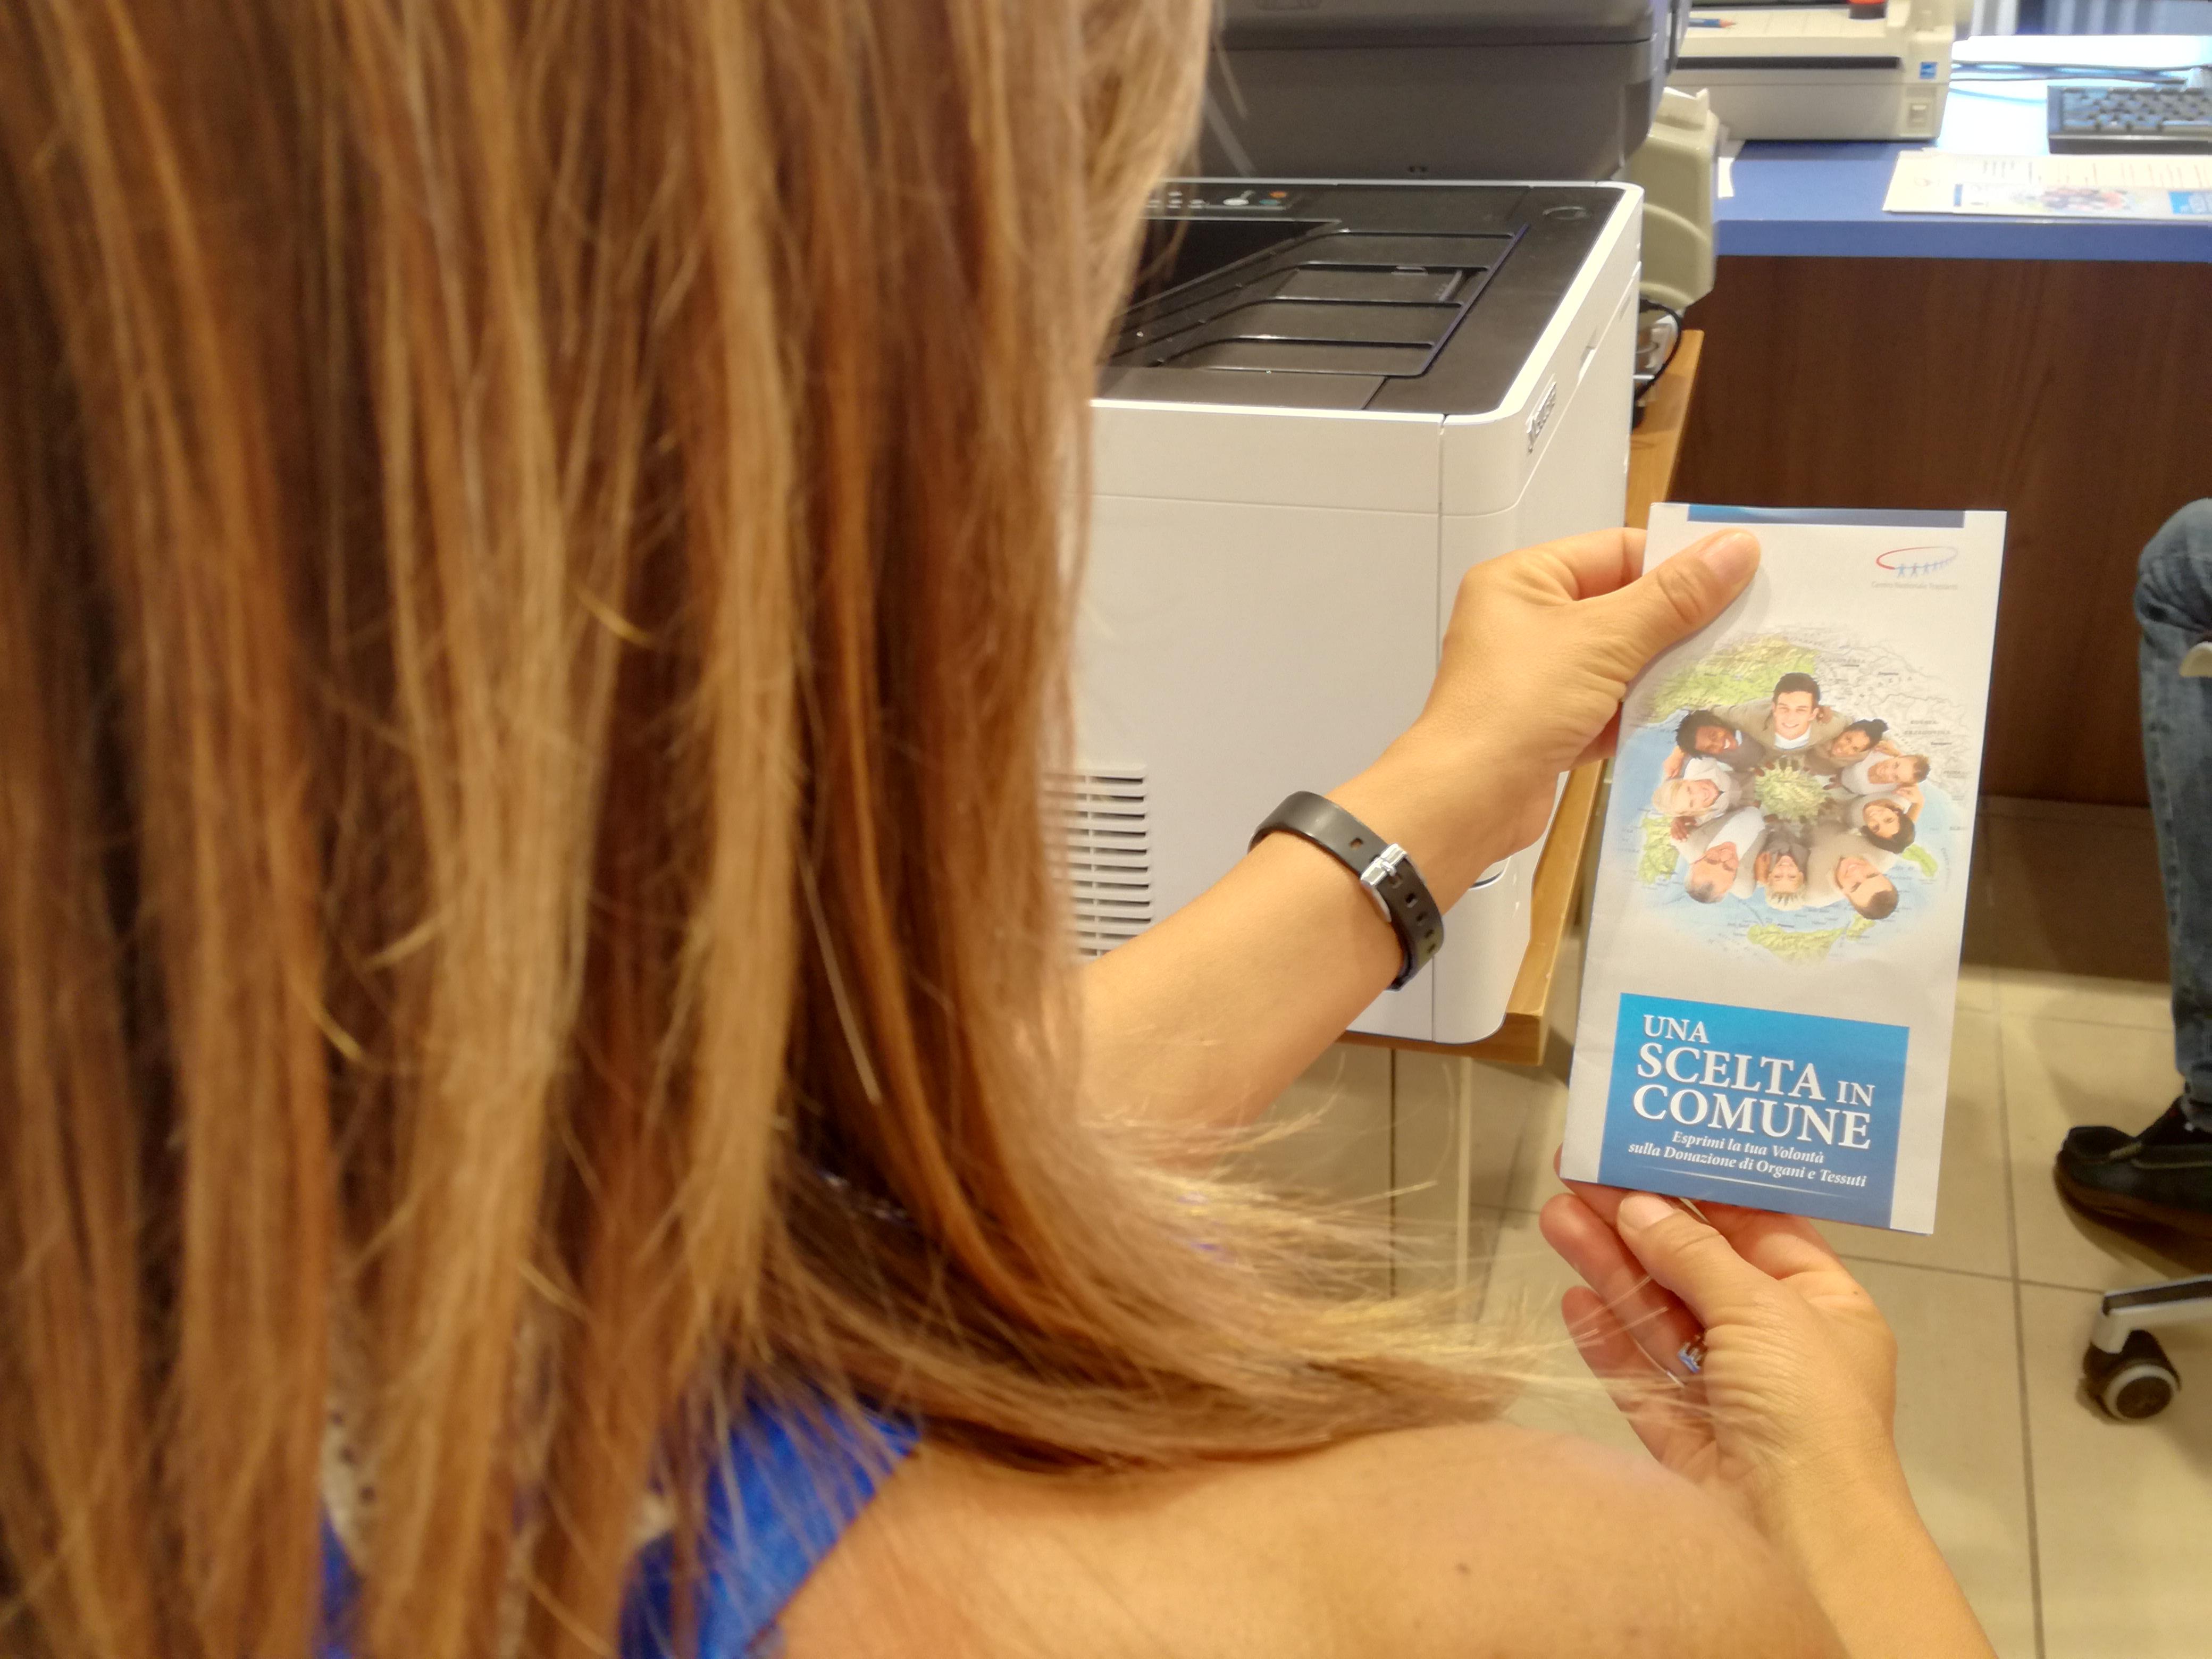 Ufficio Per Carta D Identità : Giugliano code all ufficio anagrafe arrivano le prenotazioni per